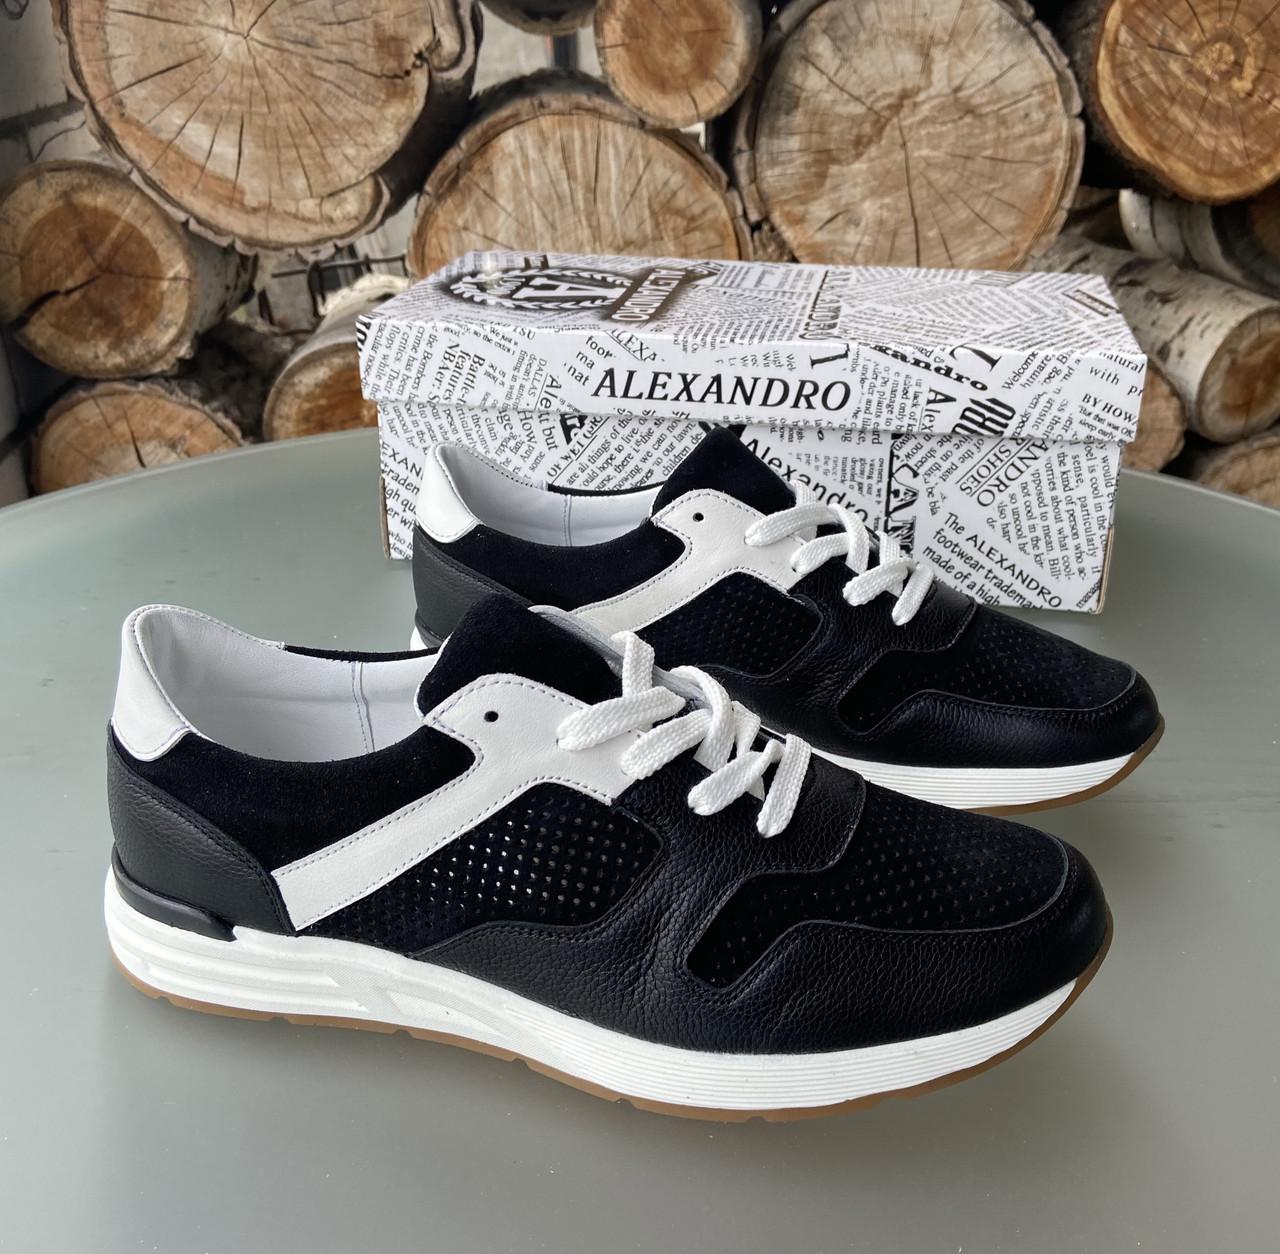 Мужские перфорированные кроссовки alexandro натуральная кожа 42